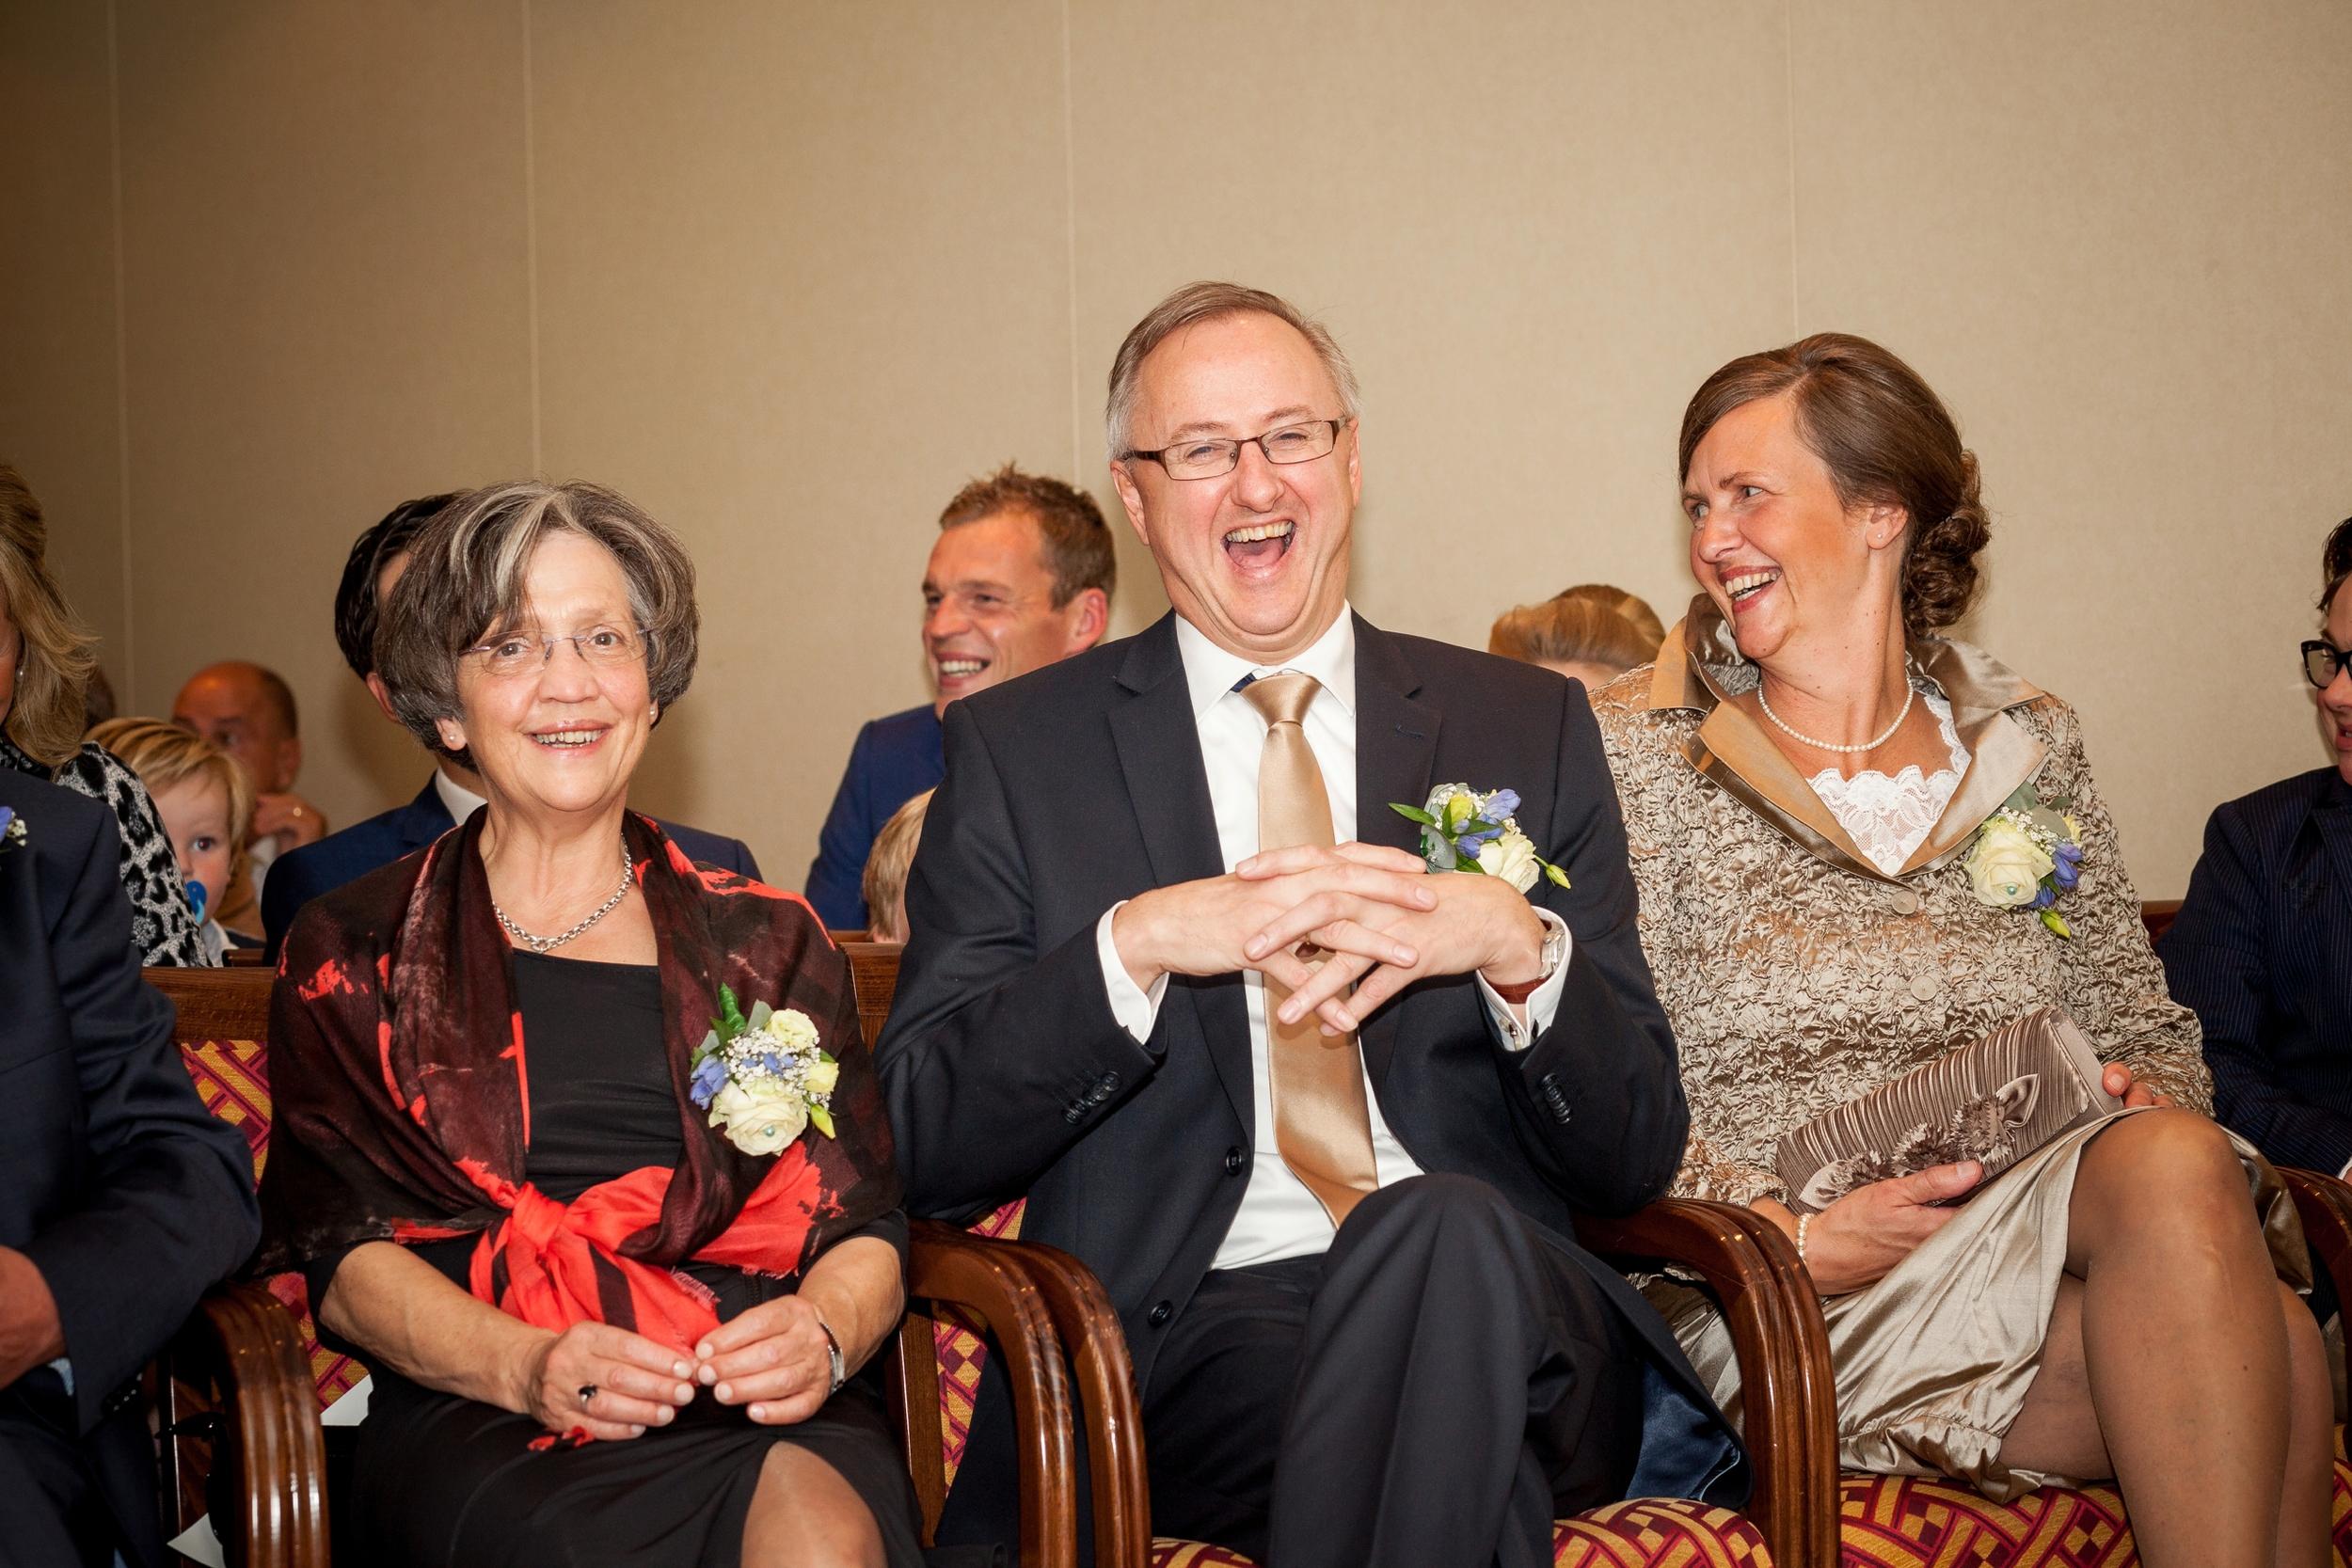 bruidsfotograaf-rijssen-utrecht-fotograaf-trouwen-bruiloft_0237.jpg